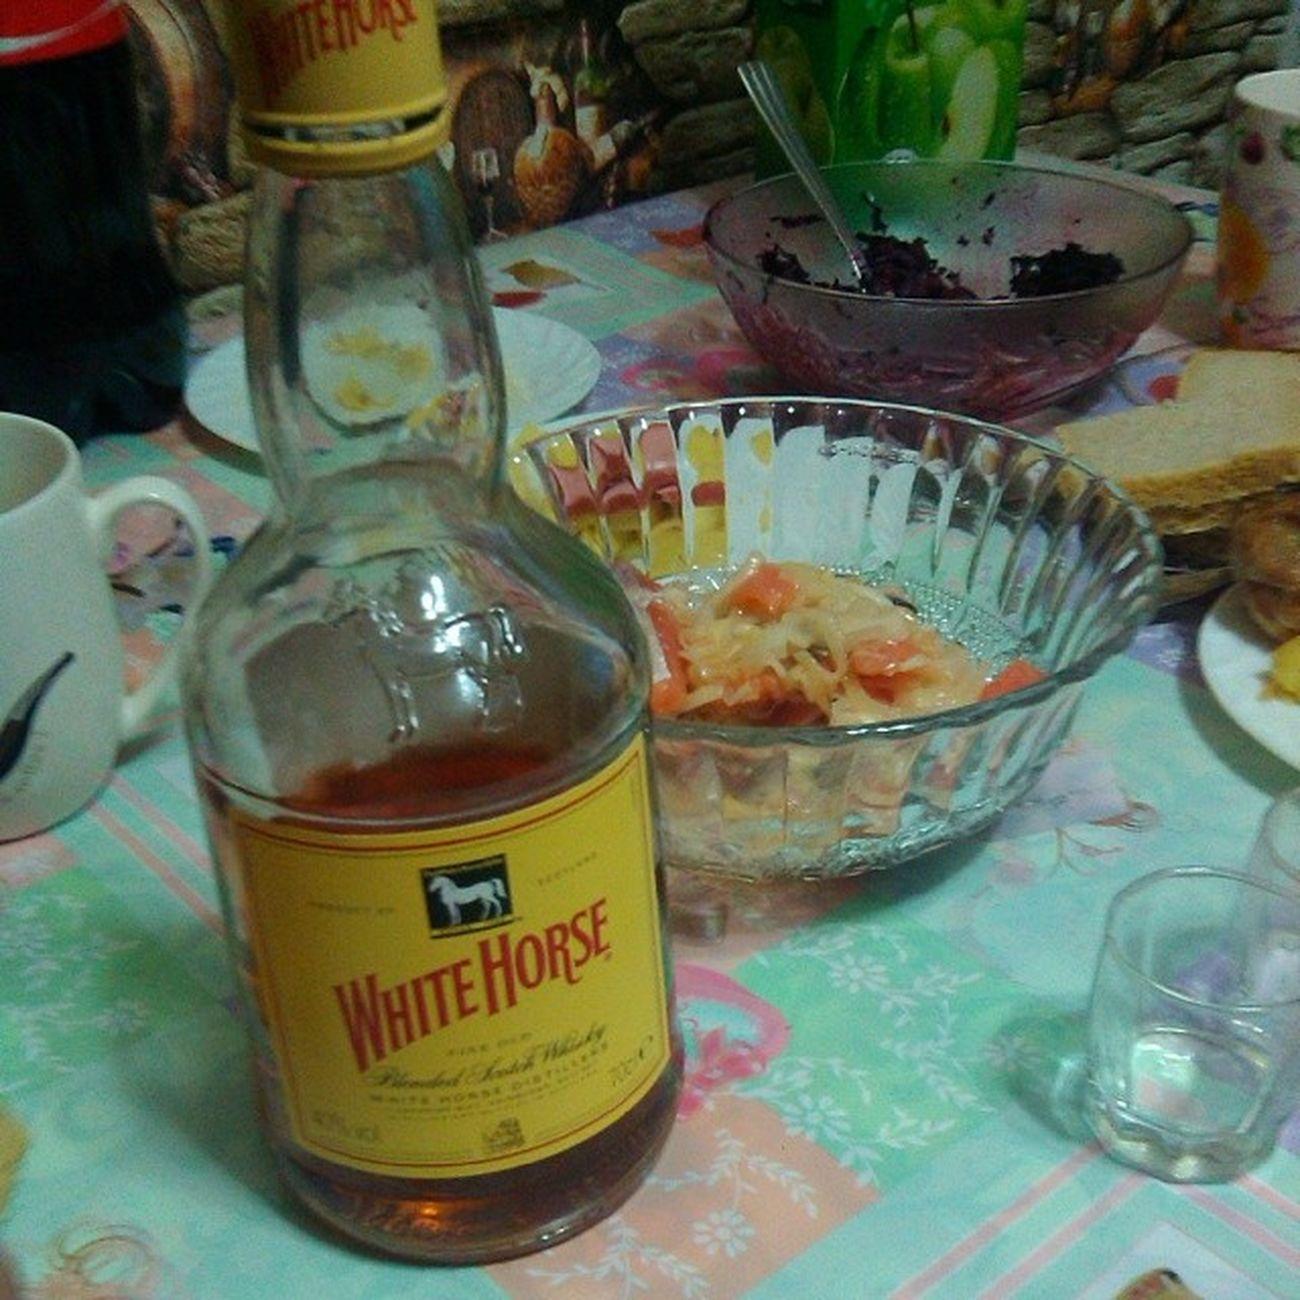 Whitehorse Partyhard